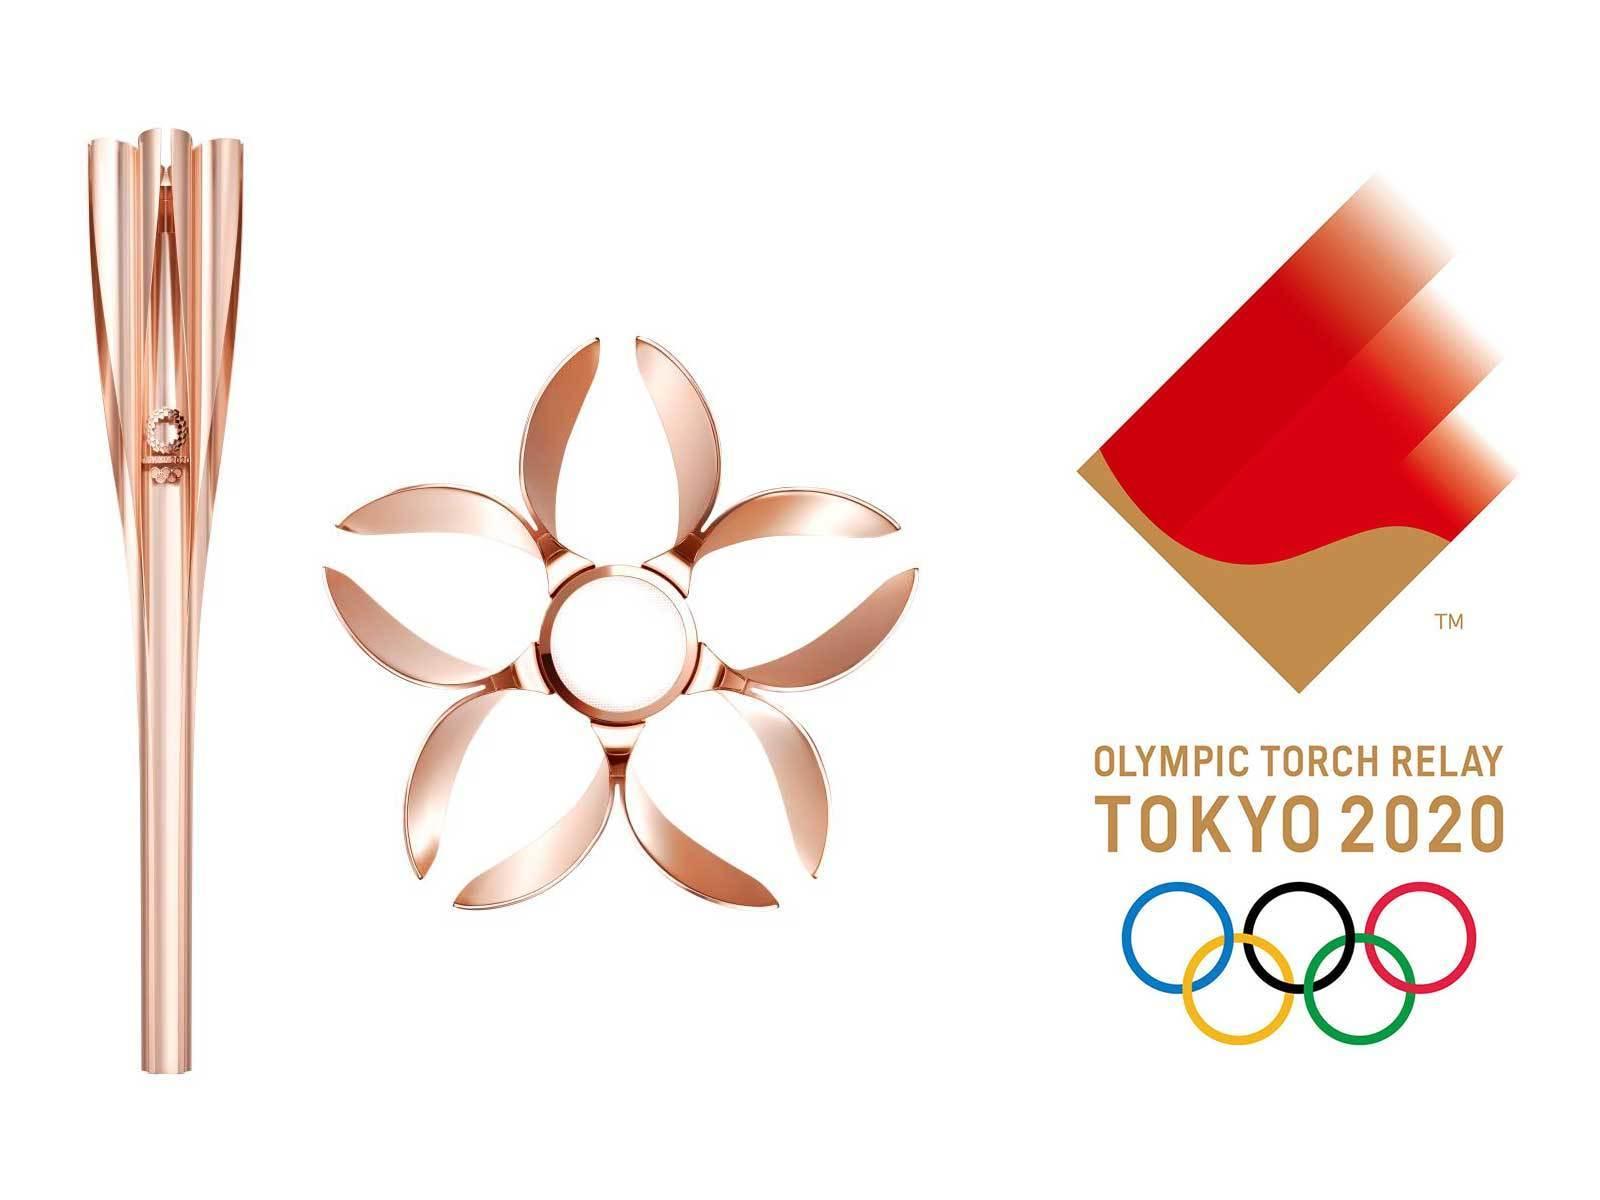 Per il 30%, il metallo della torcia olimpica (dall'alto simile a un fiore di loto) proviene dagli alloggi provvisori installati dopo lo tsunami del 2011